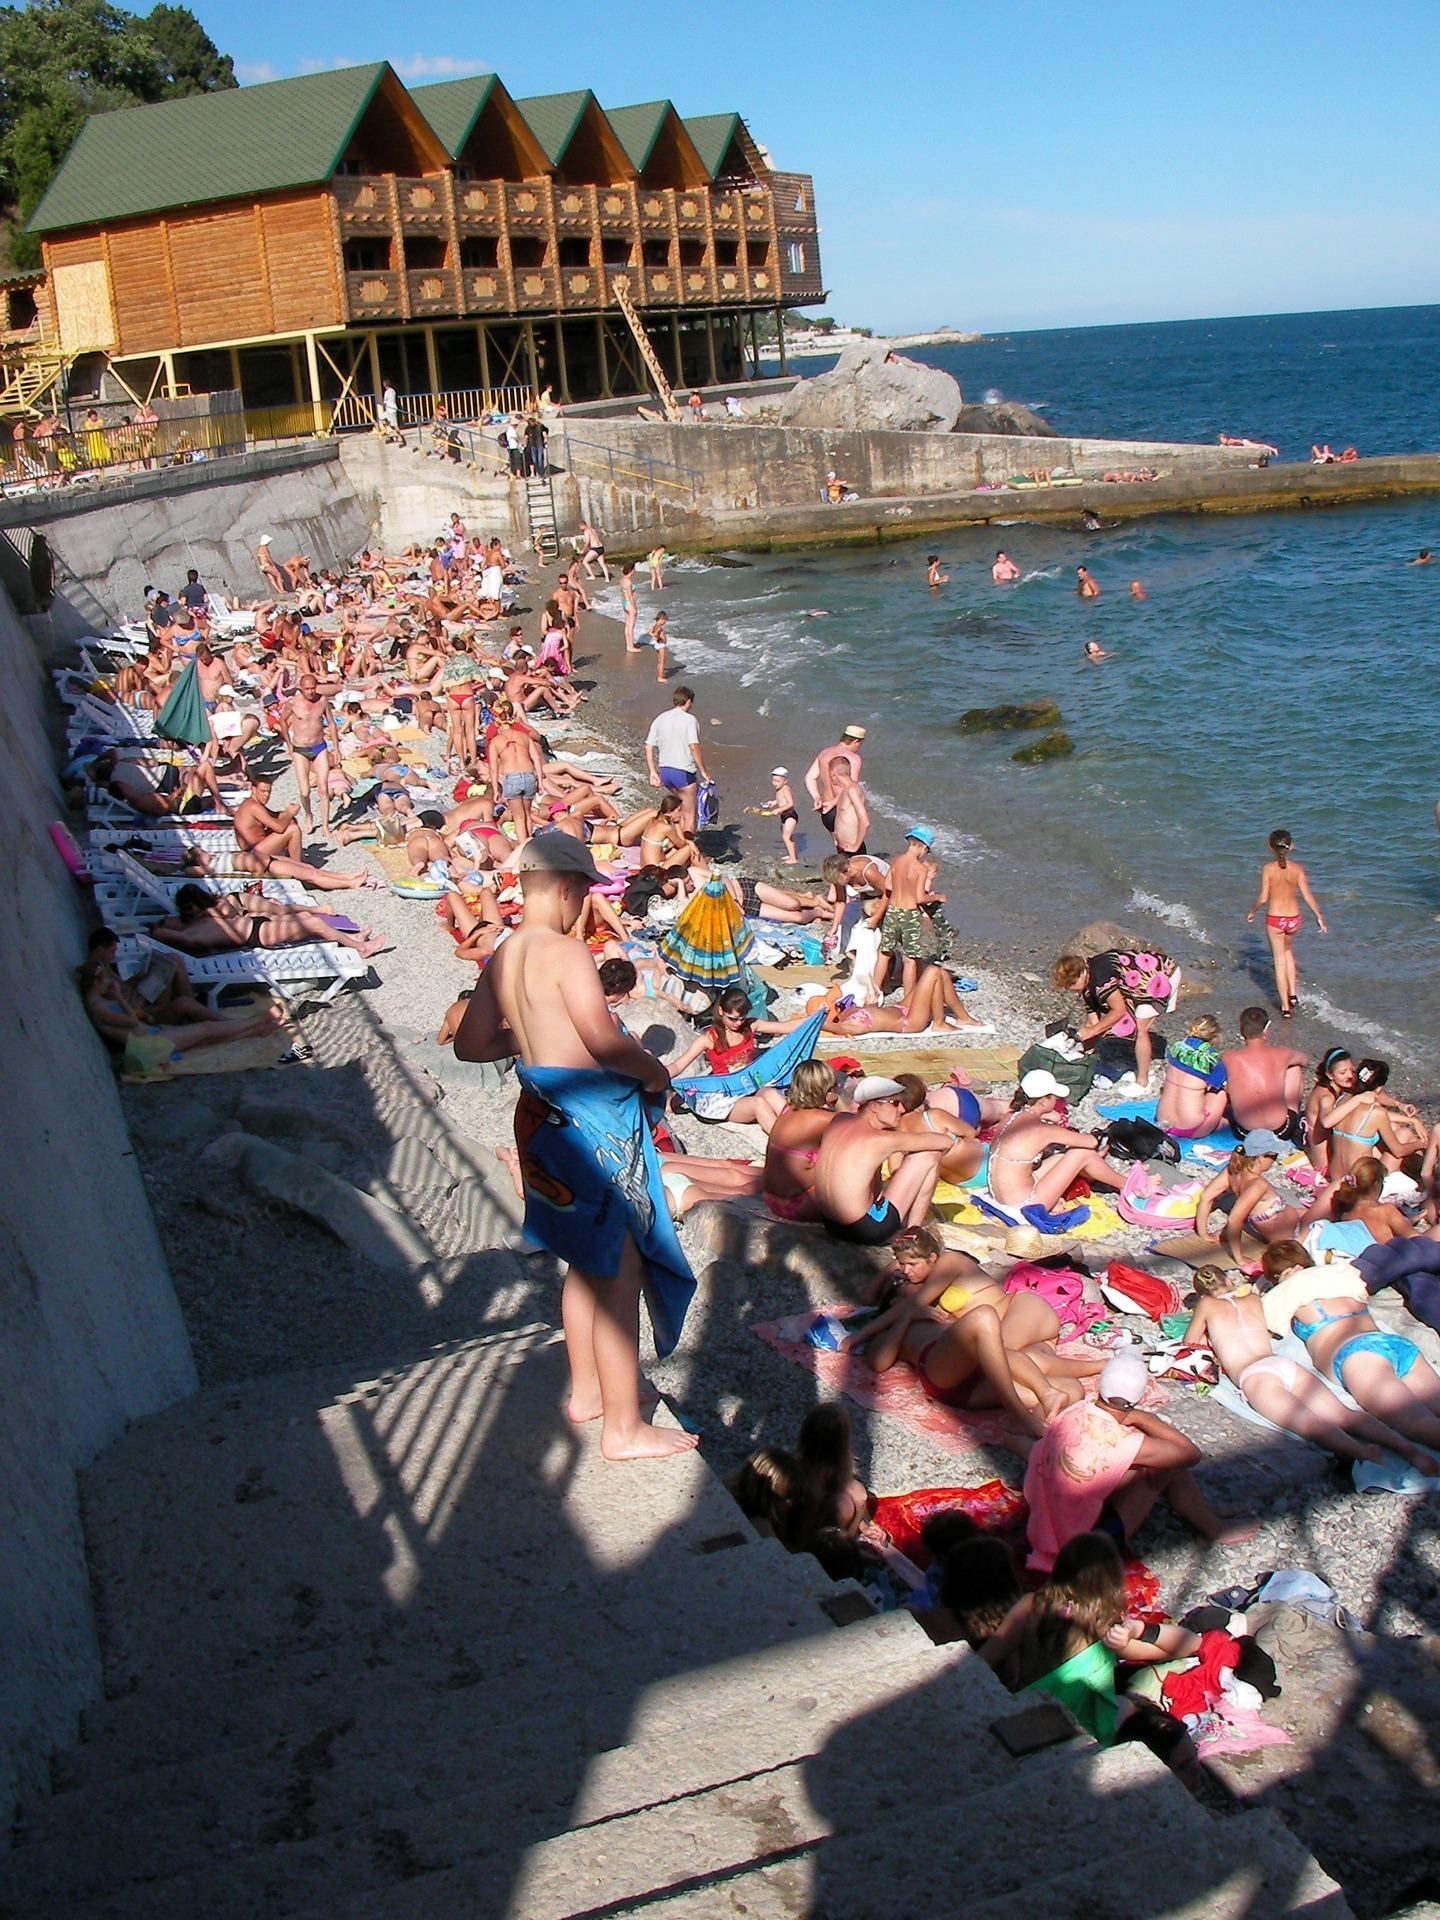 Crimea beach, Alupka